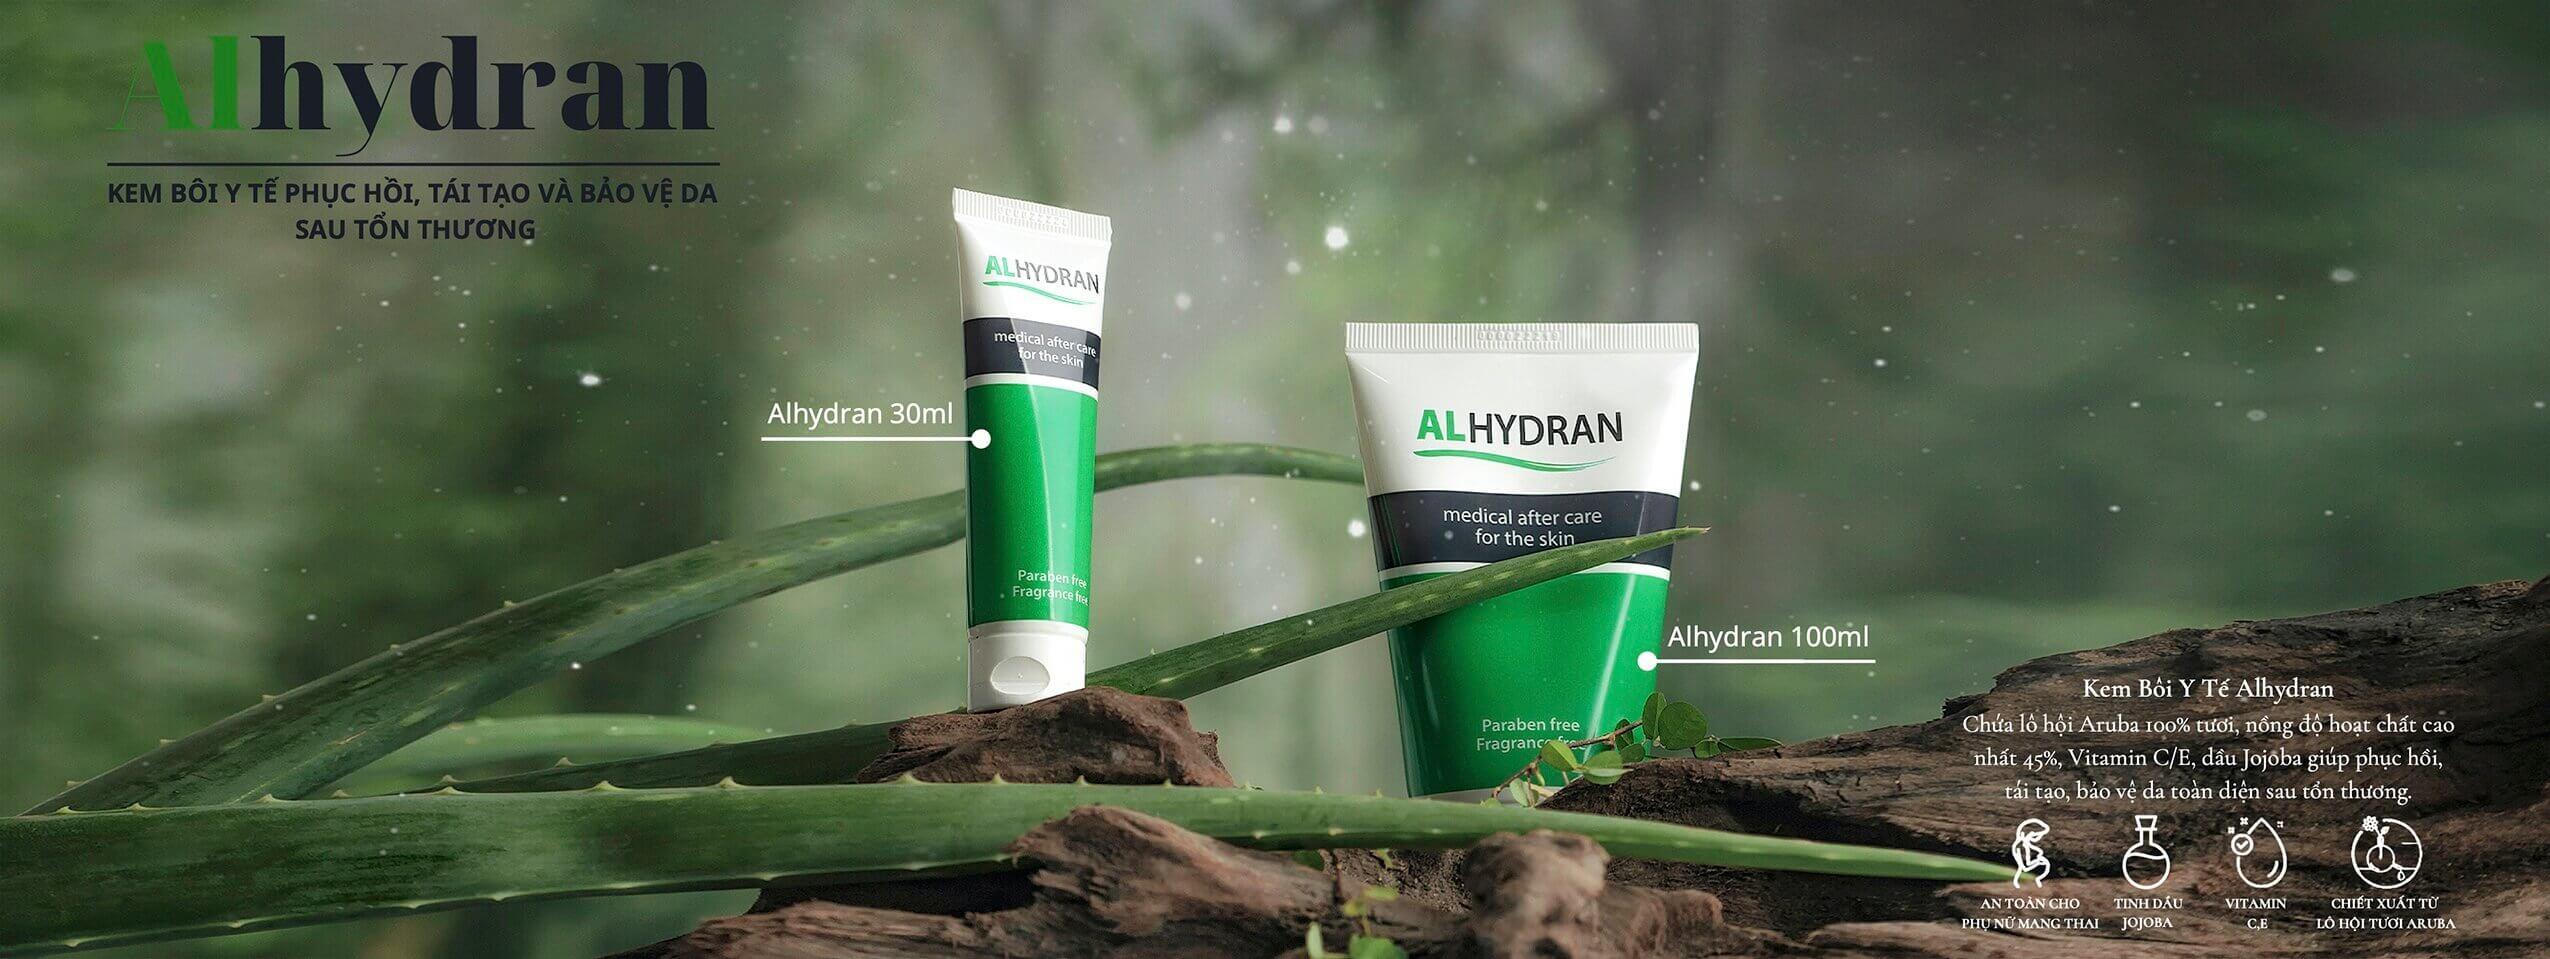 Alhydran-30